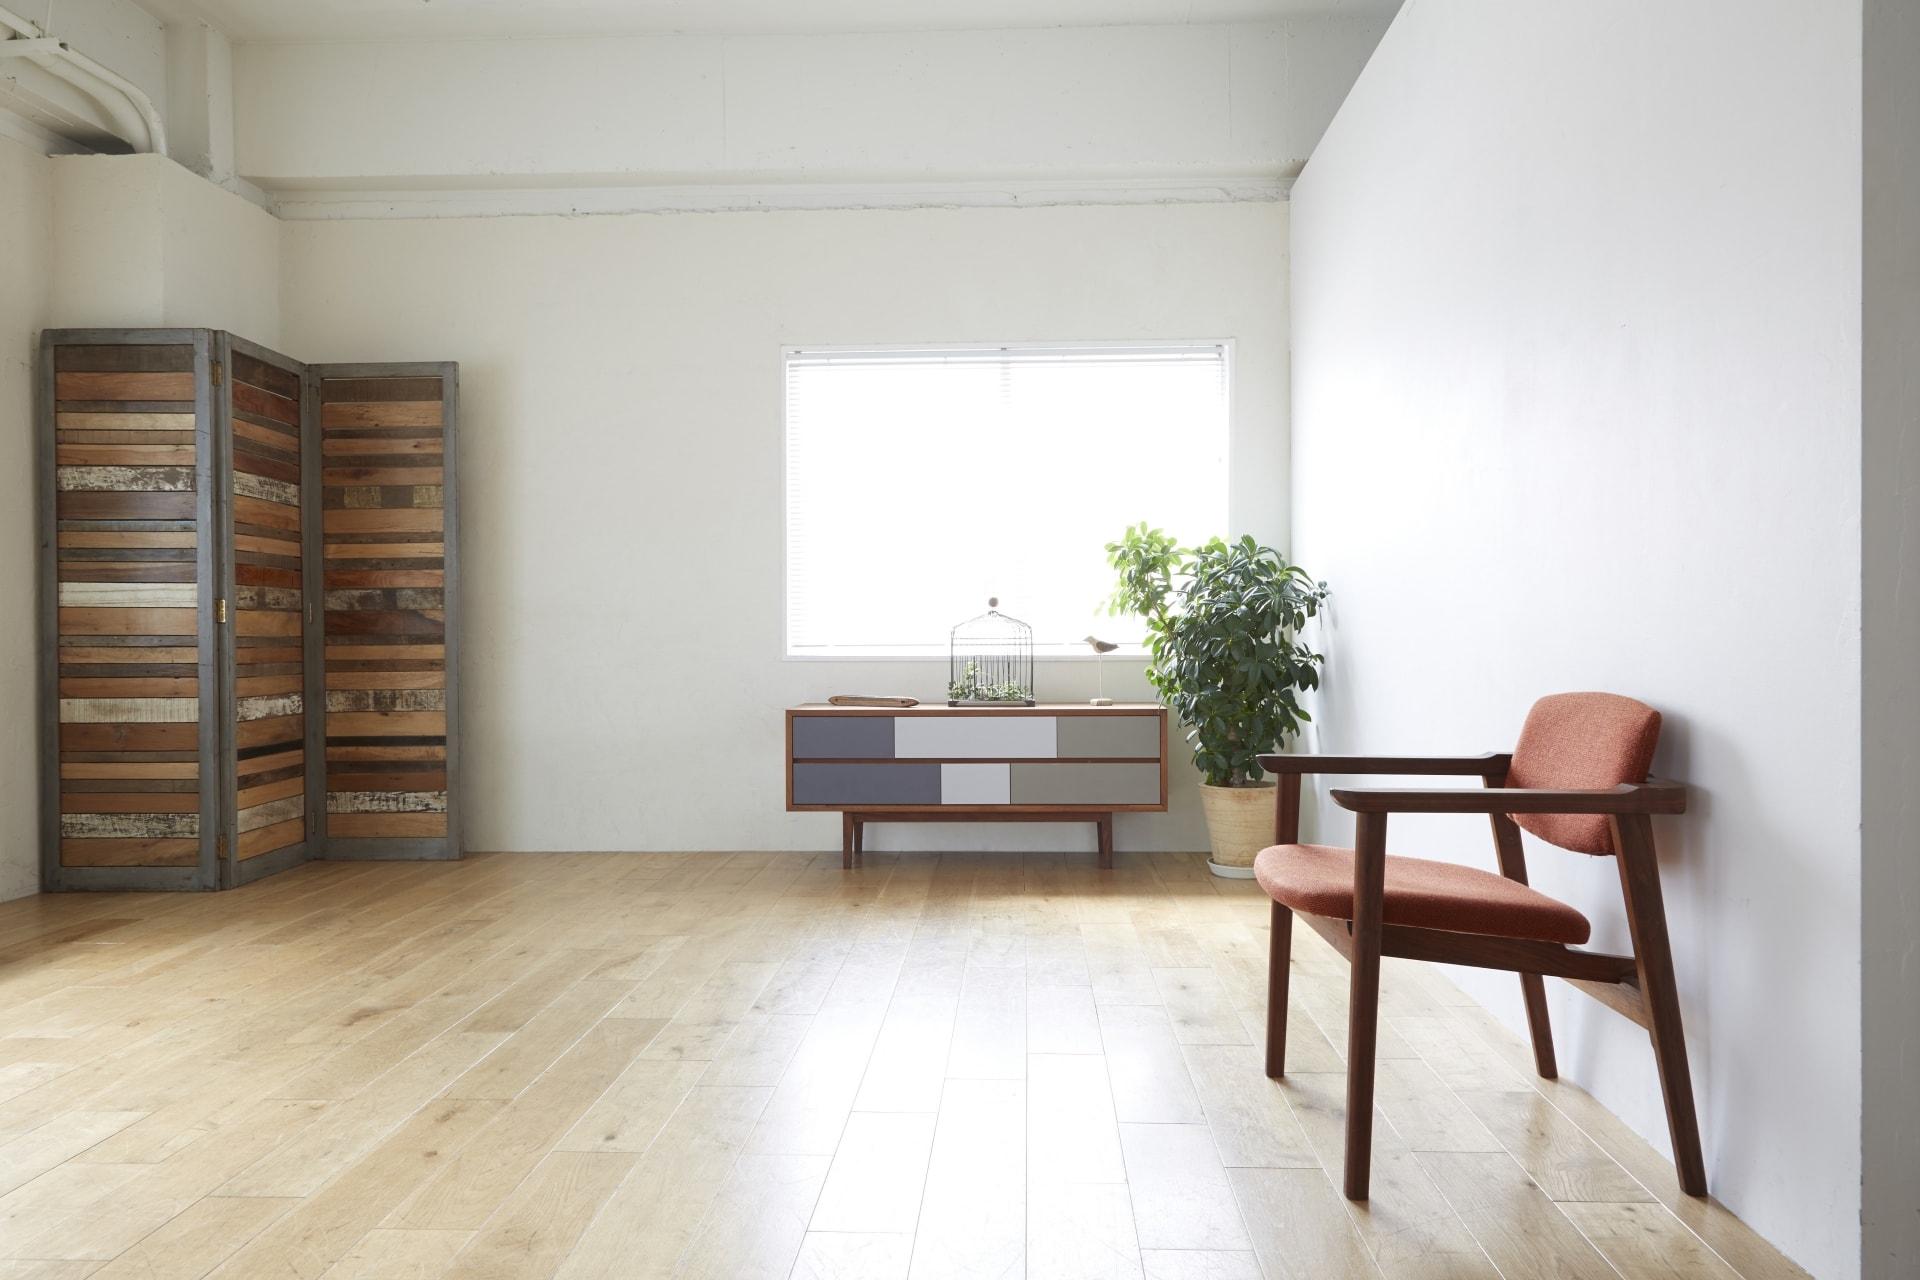 新居に持ち込む家具から化学物質が・・⁉︎